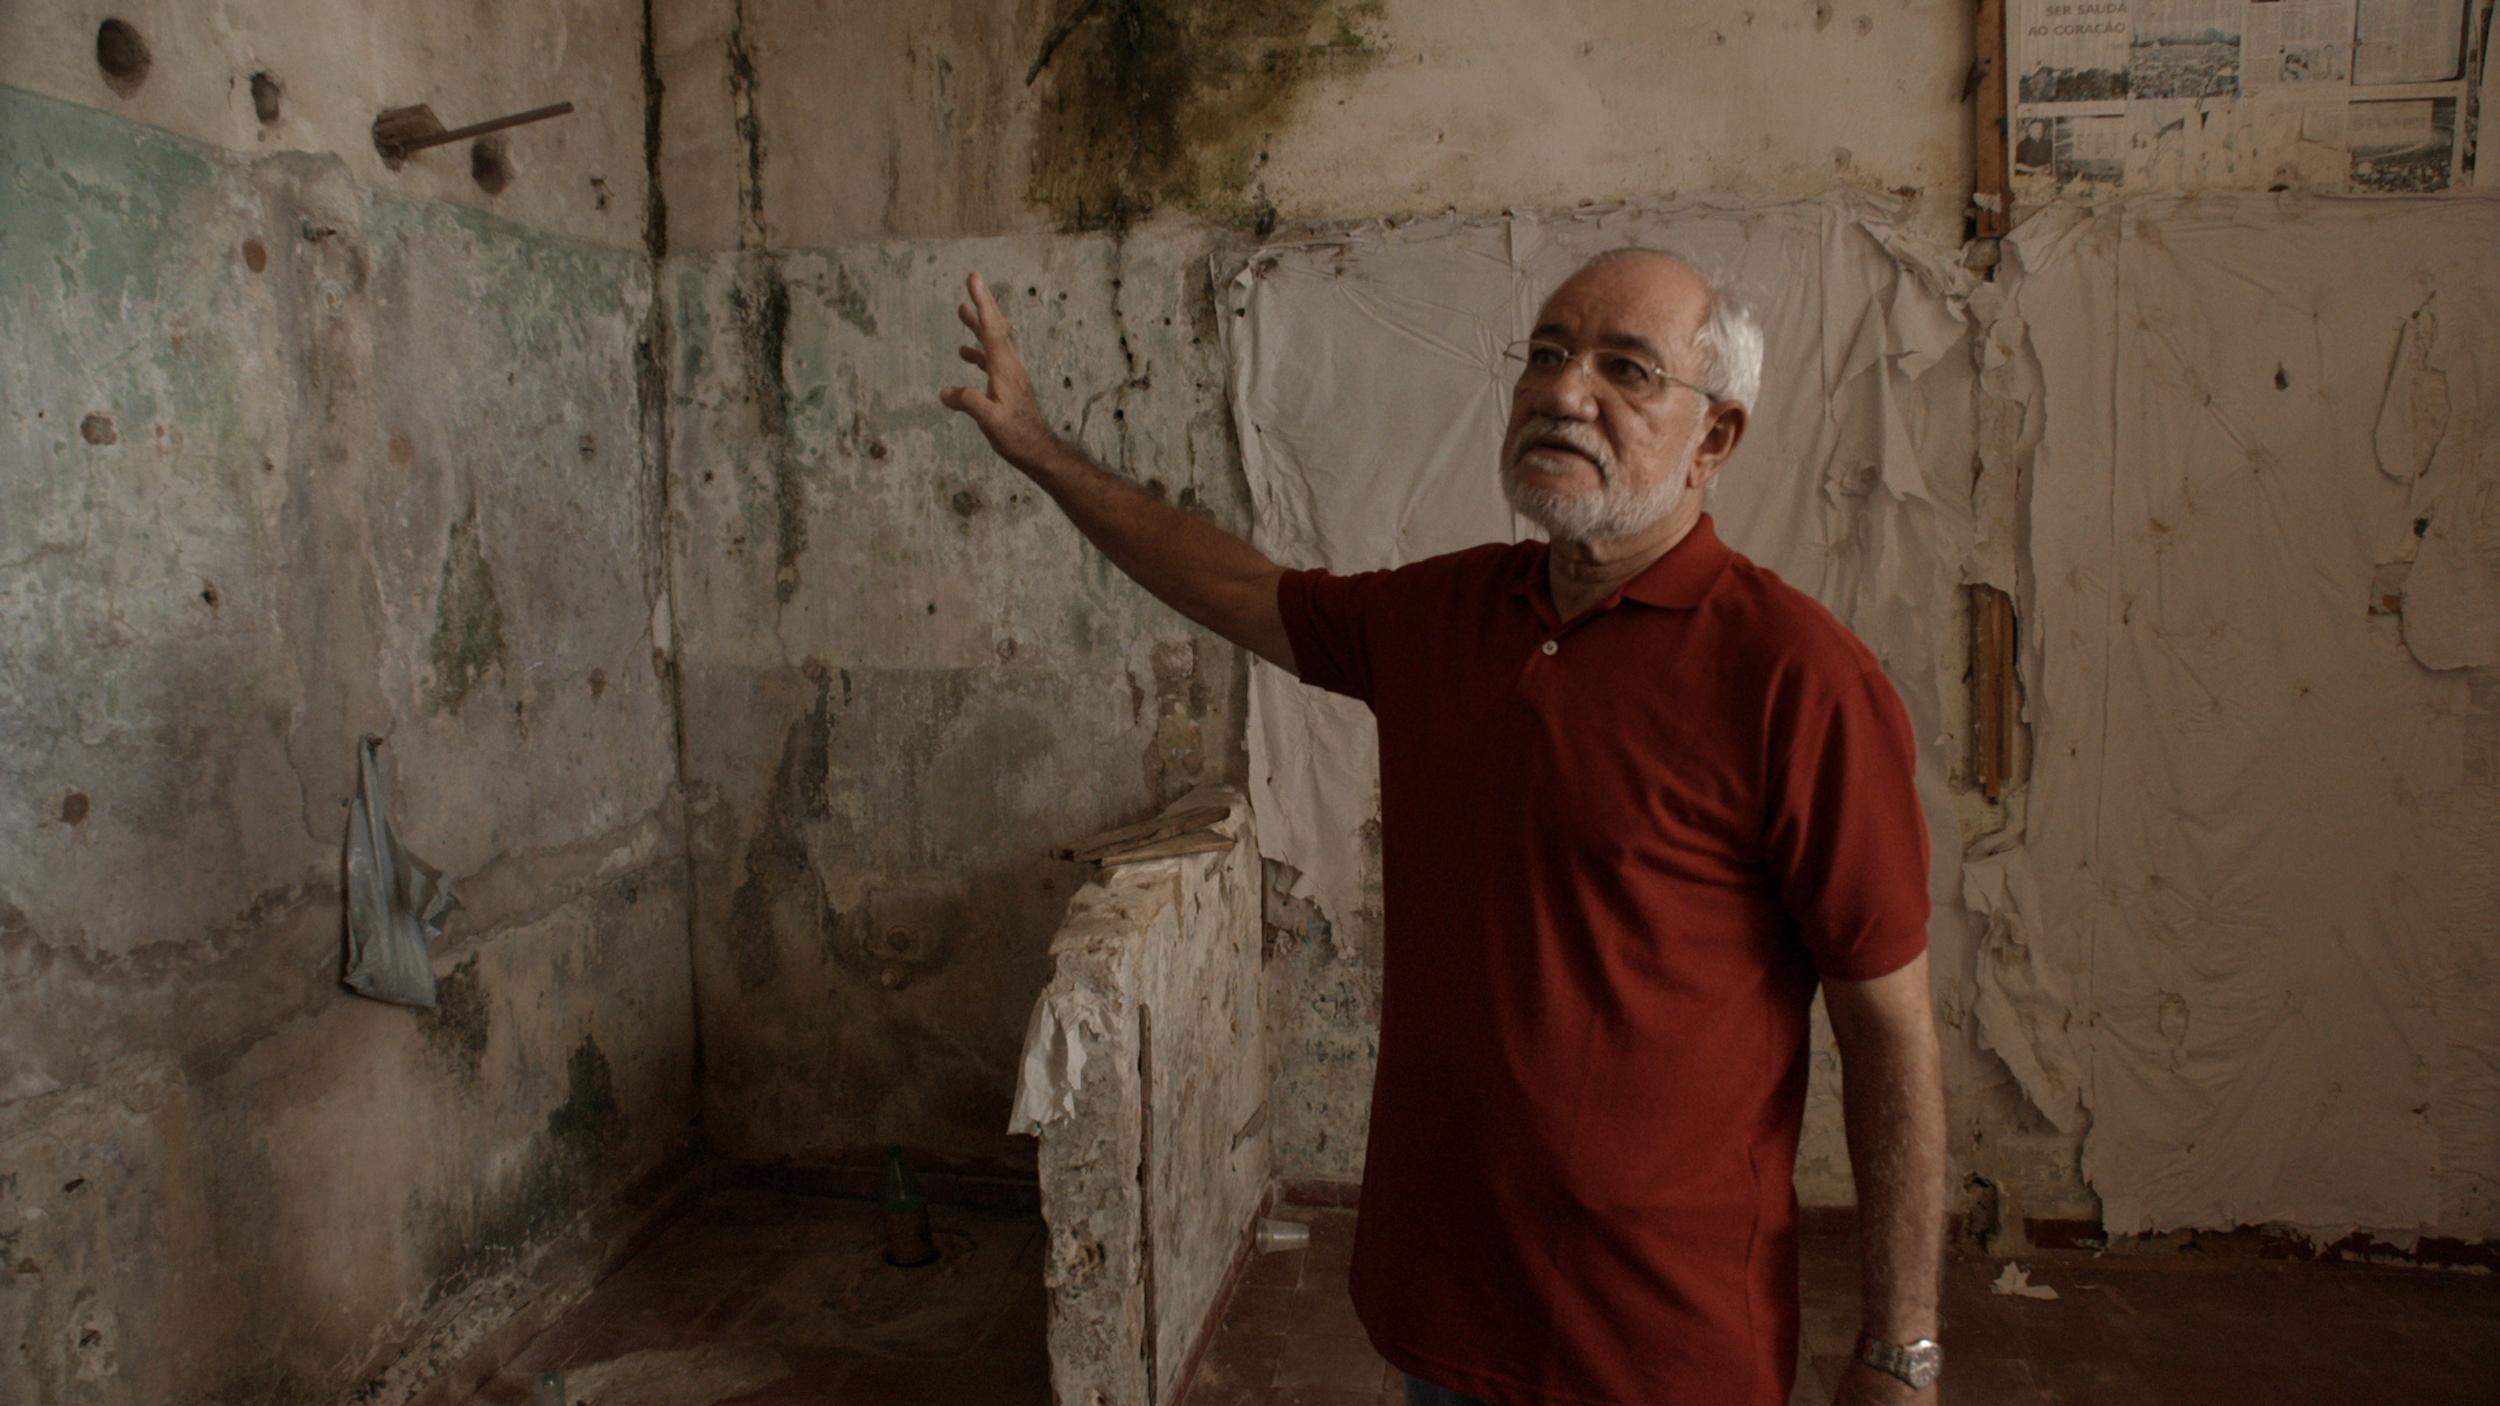 Galeria F, filme sobre ex-preso político condenado à morte na ditadura, terá exibição na AIC, seguida de bate-papo com a diretora Emília Silveira